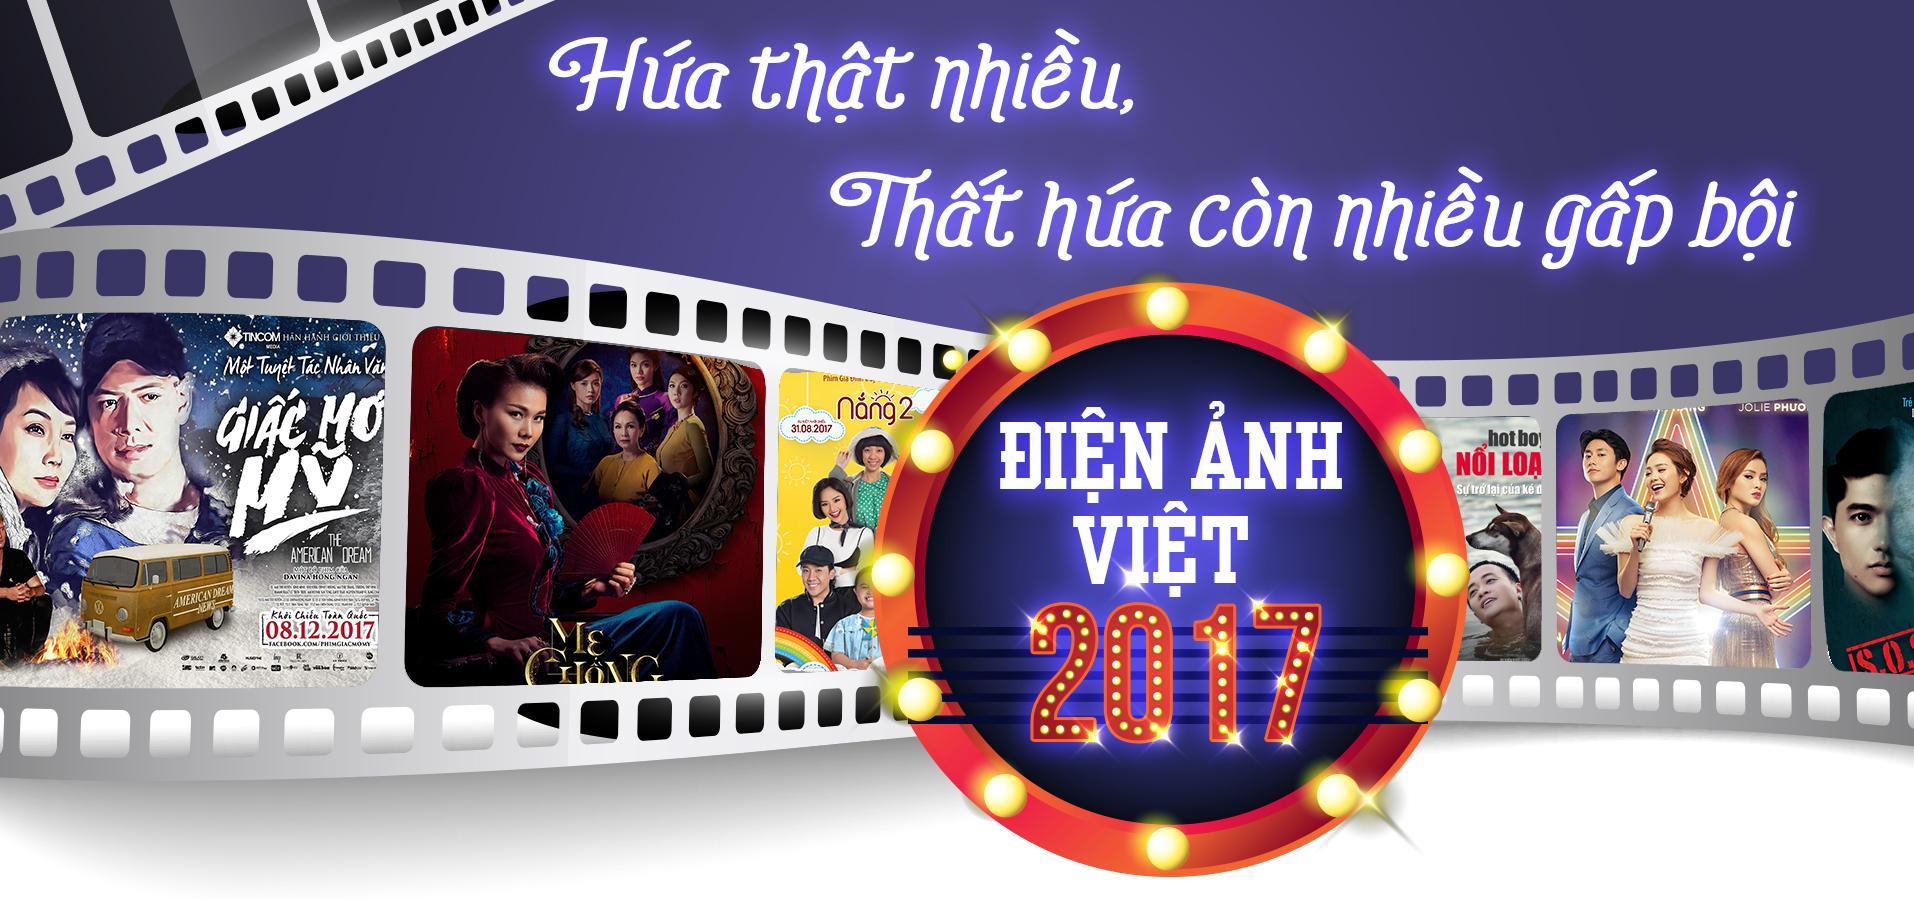 Điện ảnh Việt 2017 - Hứa thật nhiều, thất hứa còn nhiều gấp bội